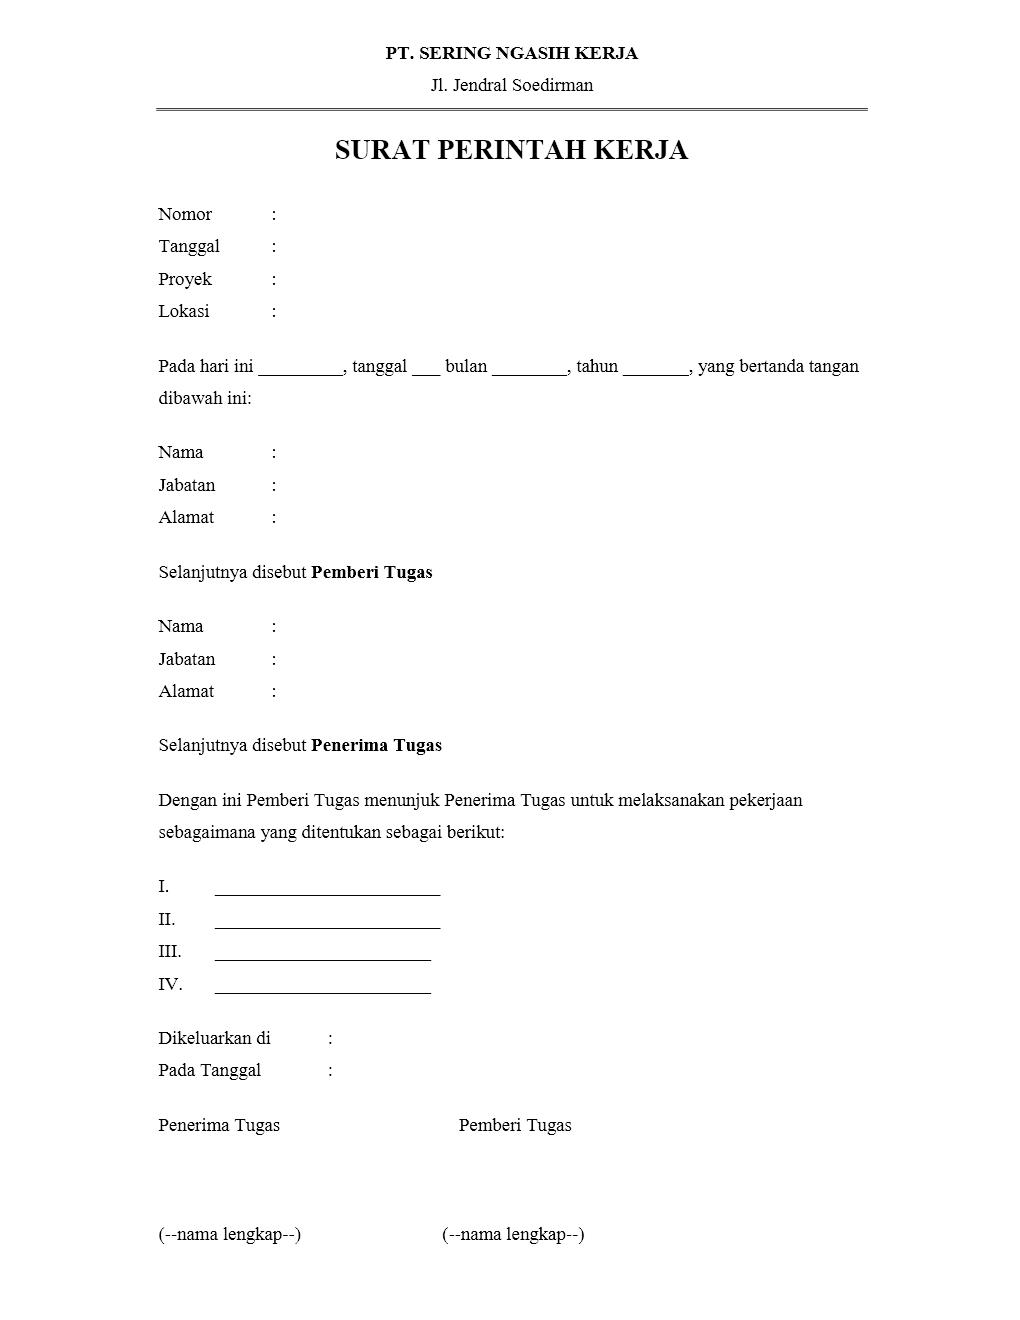 Contoh Surat Perintah Kerja Yang Benar Dan Formal Kumpulan